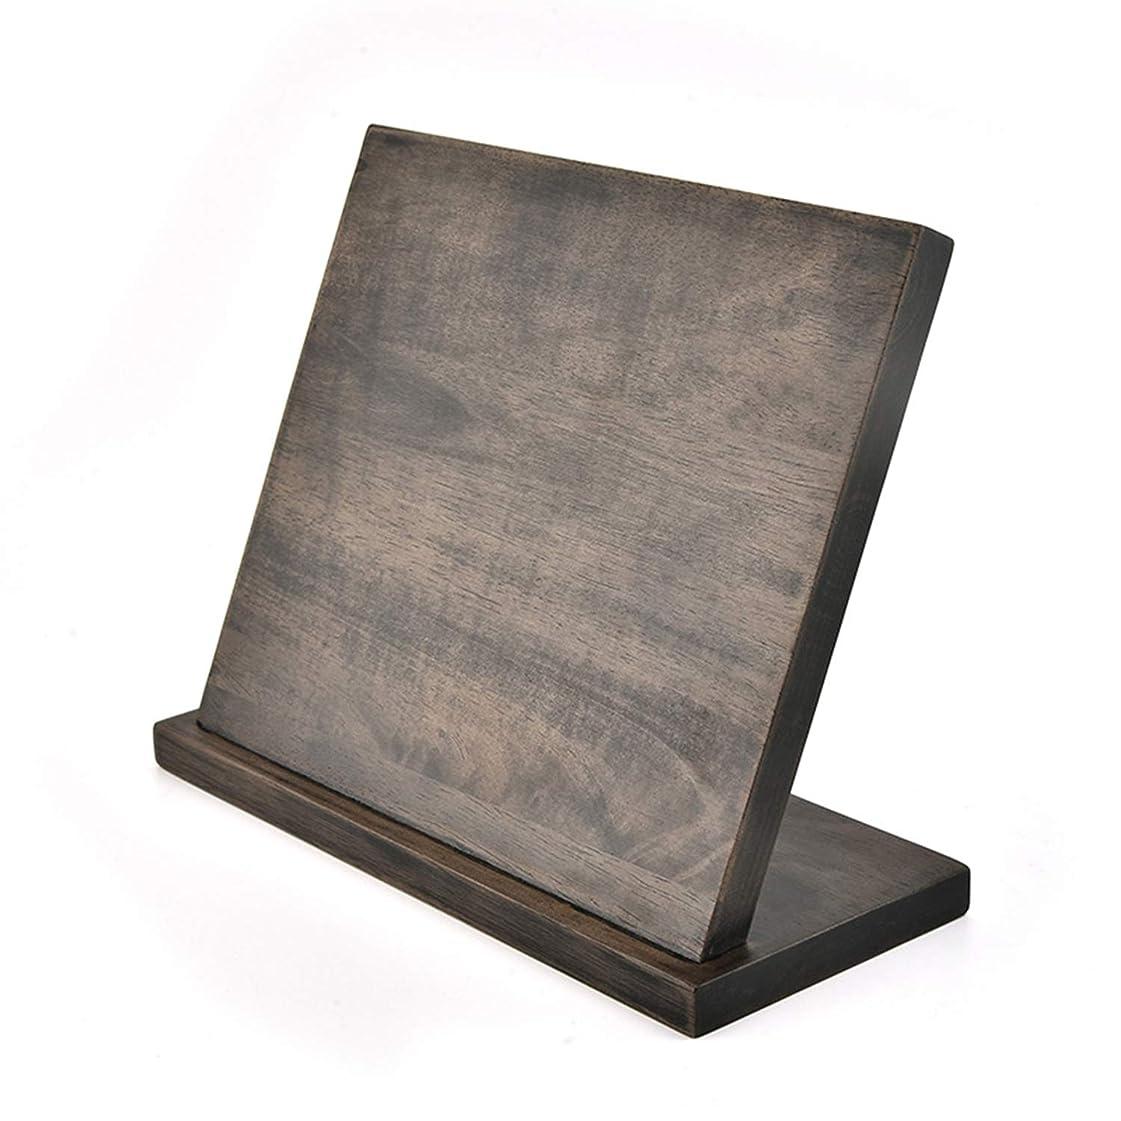 一元化する水差しバーマド多機能磁気ナイフホルダーラバーウッド強い吸着包丁ホルダー磁気ラック収納ボックス